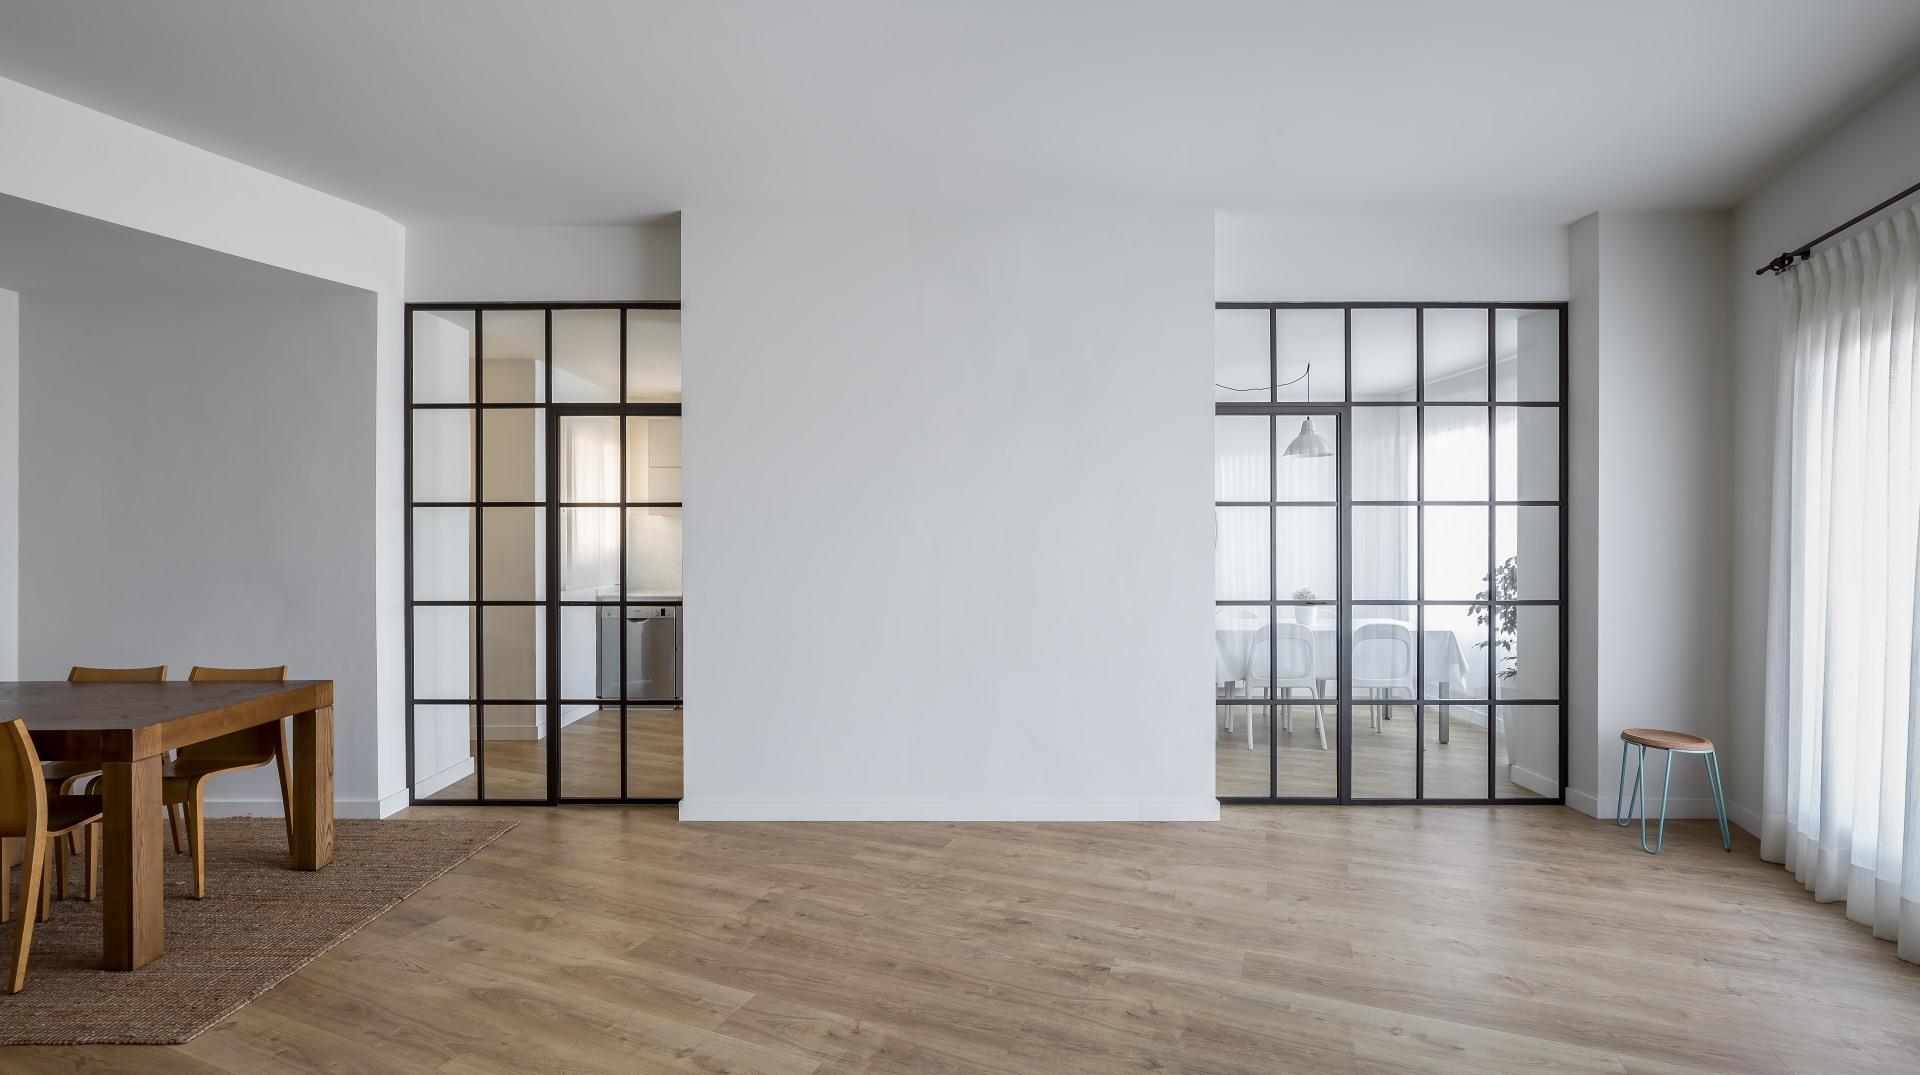 fotografia-arquitectura-valencia-german-cabo-mariola-torre-en-conill (7)